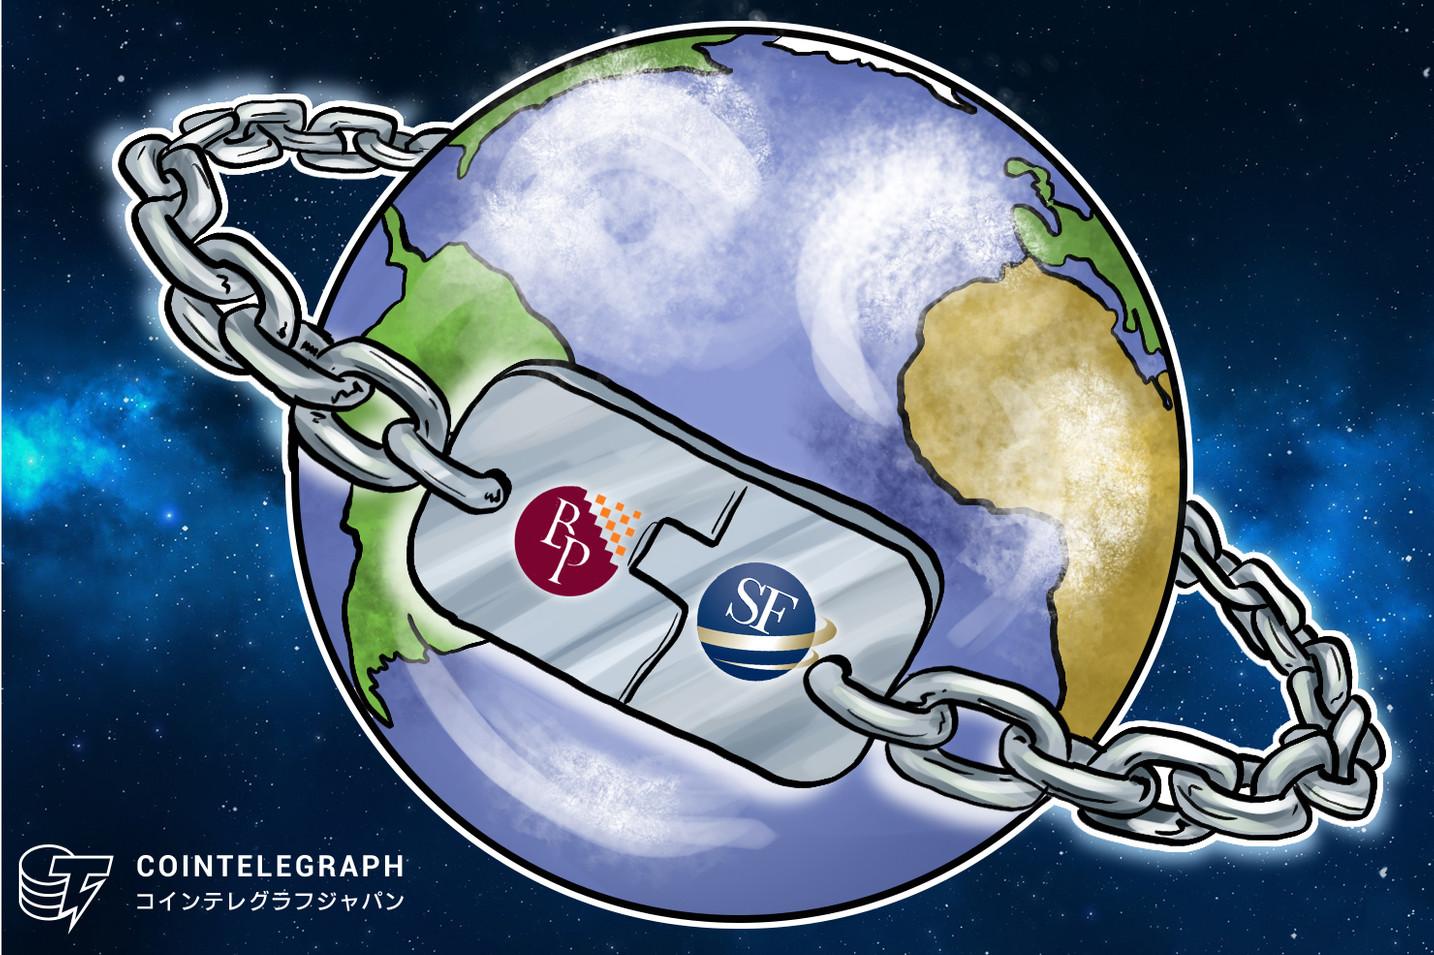 ビットポイント親会社が新子会社設立 セキュリティトークン取り扱いを視野 第一種金融商品取引業の登録目指す